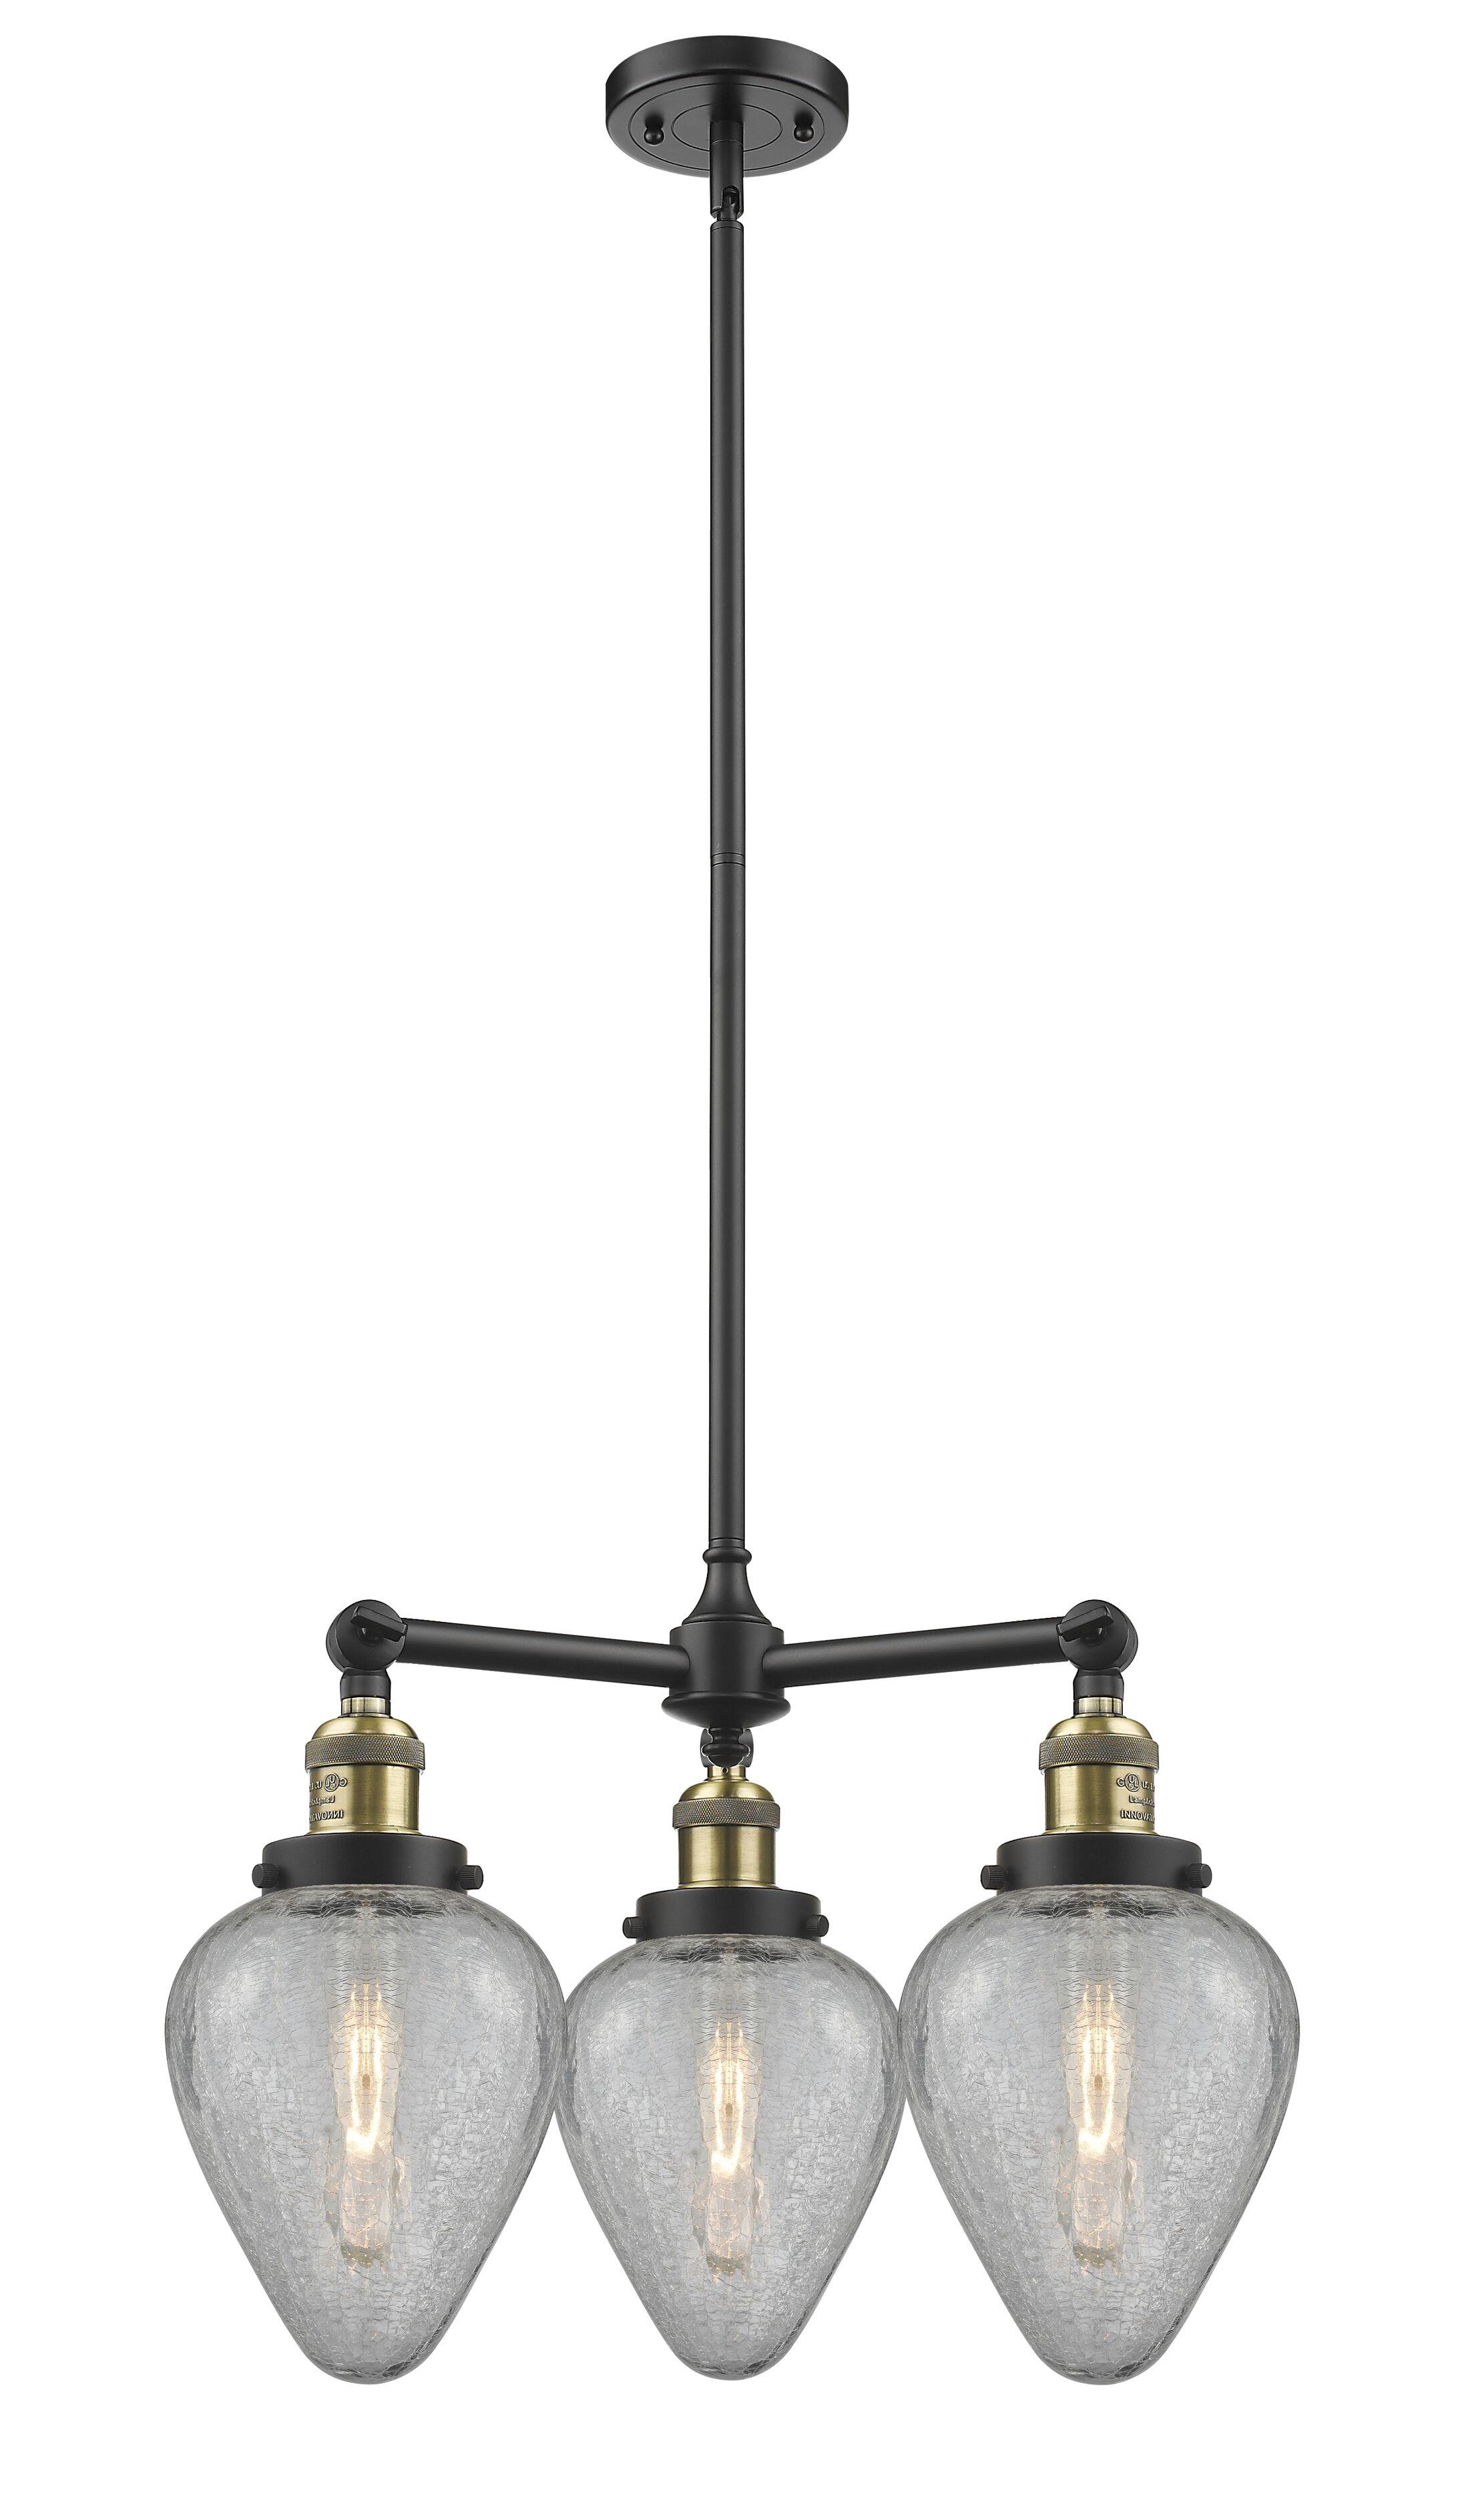 Bontrager 3-Light Shaded Chandelier Finish: Black Brushed Brass